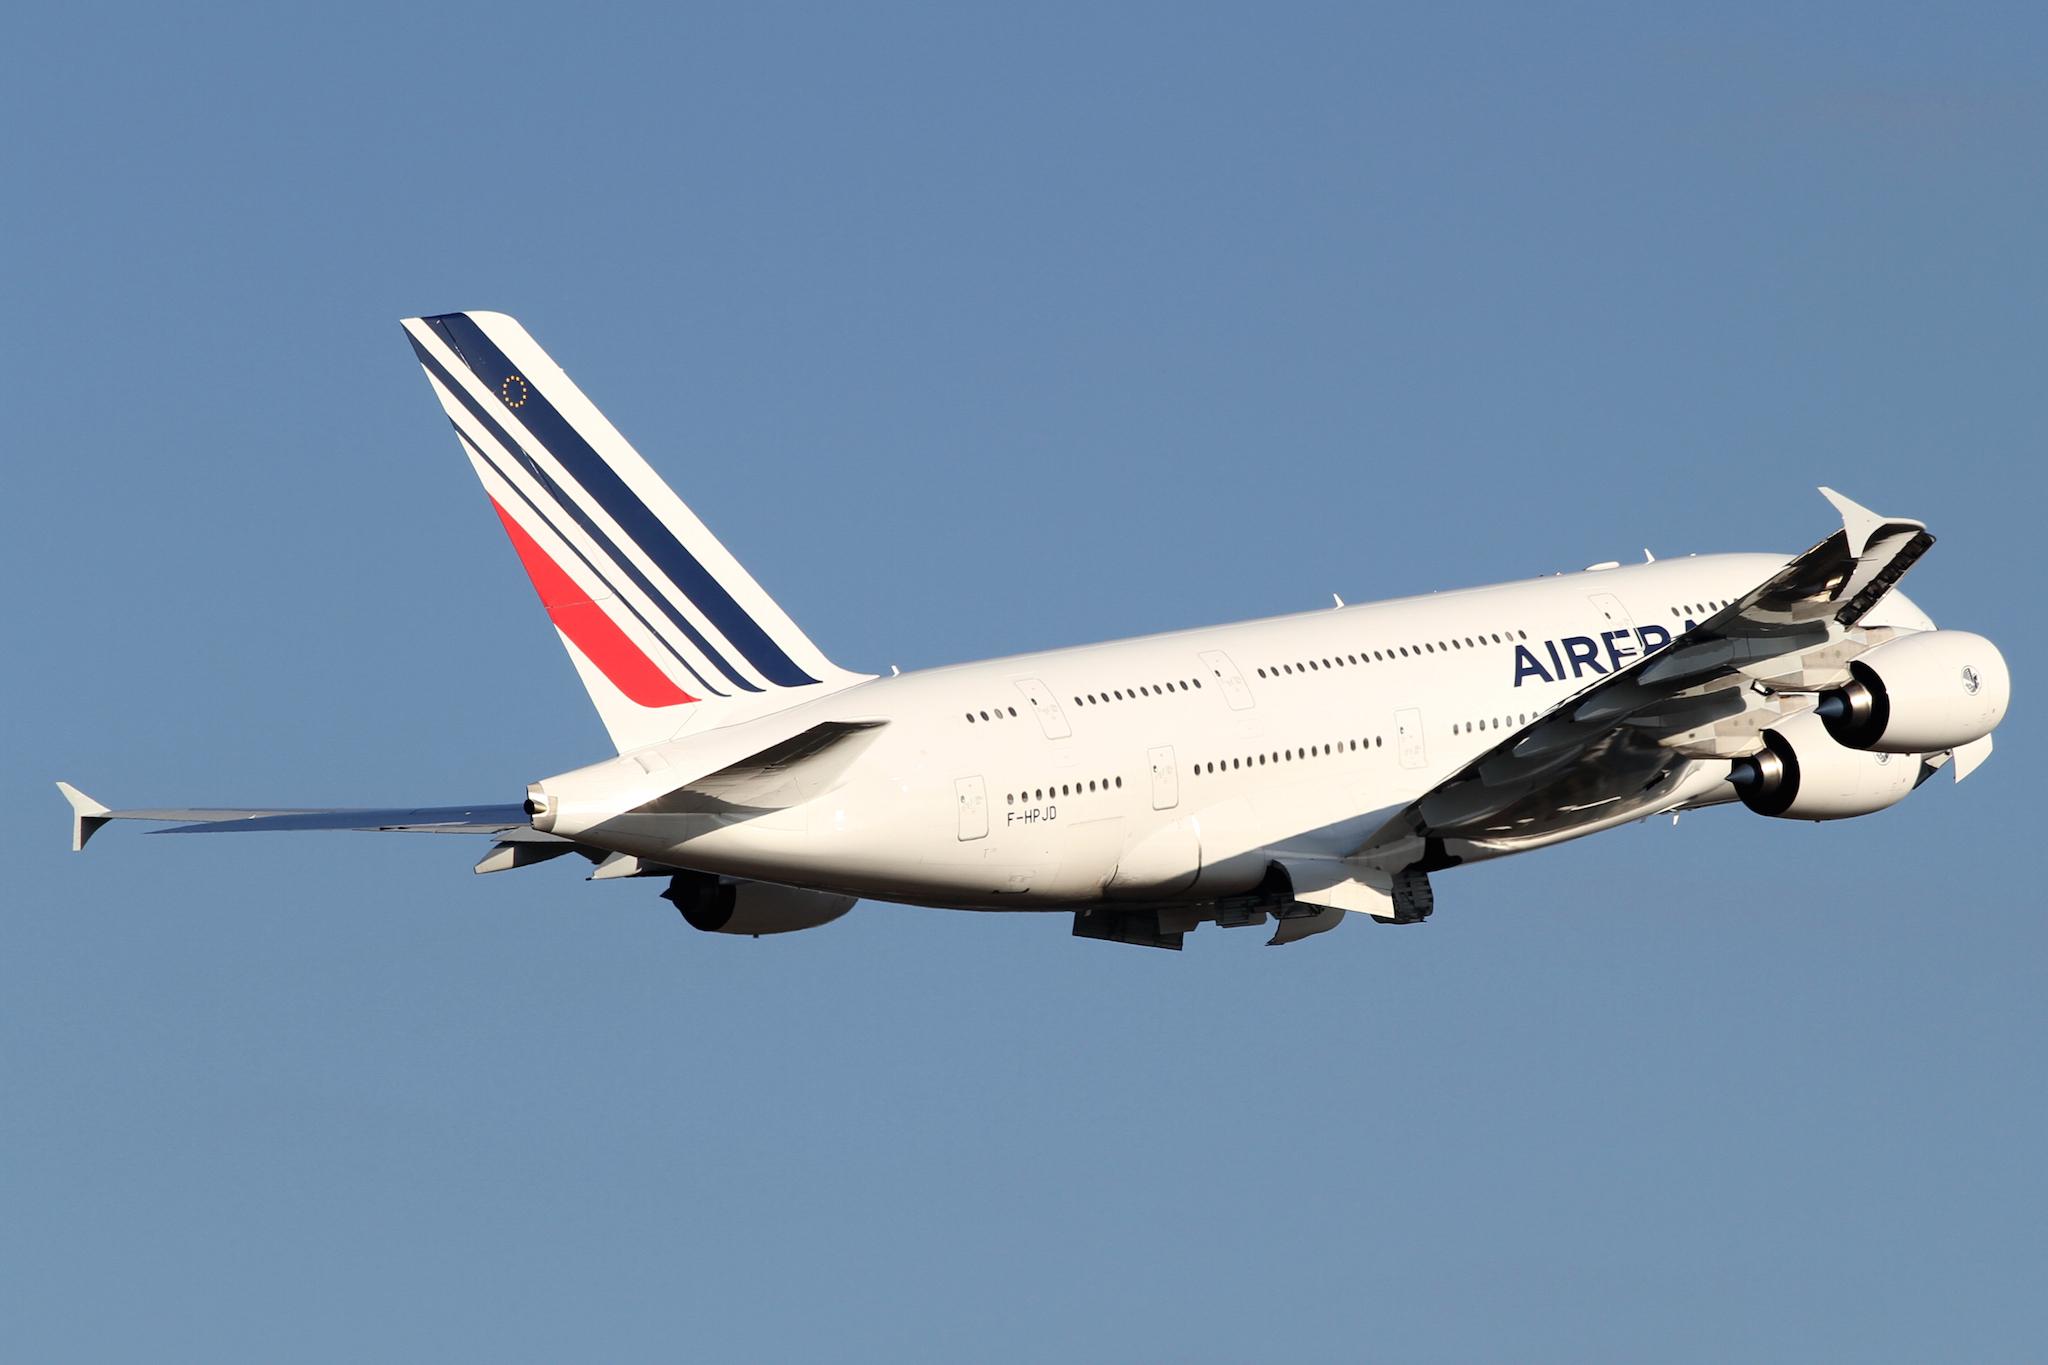 Air France A380-800(F-HPJD) par PROKentaro IEMOTO sous (CC-by-sa 2.0)